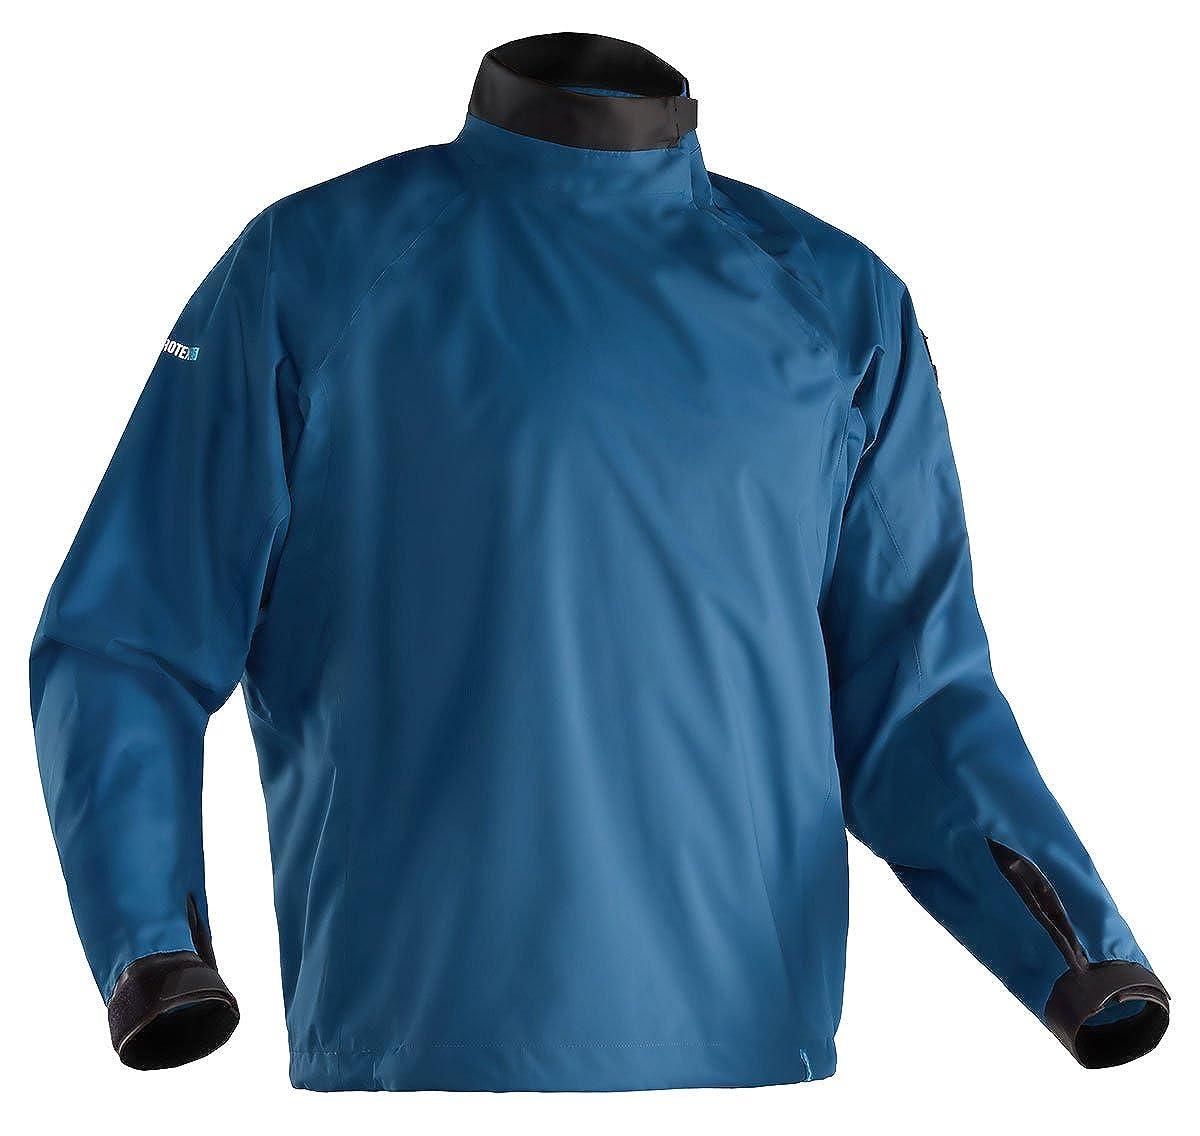 特売 NRS ブルー(Moroccan メンズ NRS エンデュランススプラッシュ Medium ブルー(Moroccan Medium Blue) B077SPY6GZ, スマートサプライ:4fc309cf --- a0267596.xsph.ru